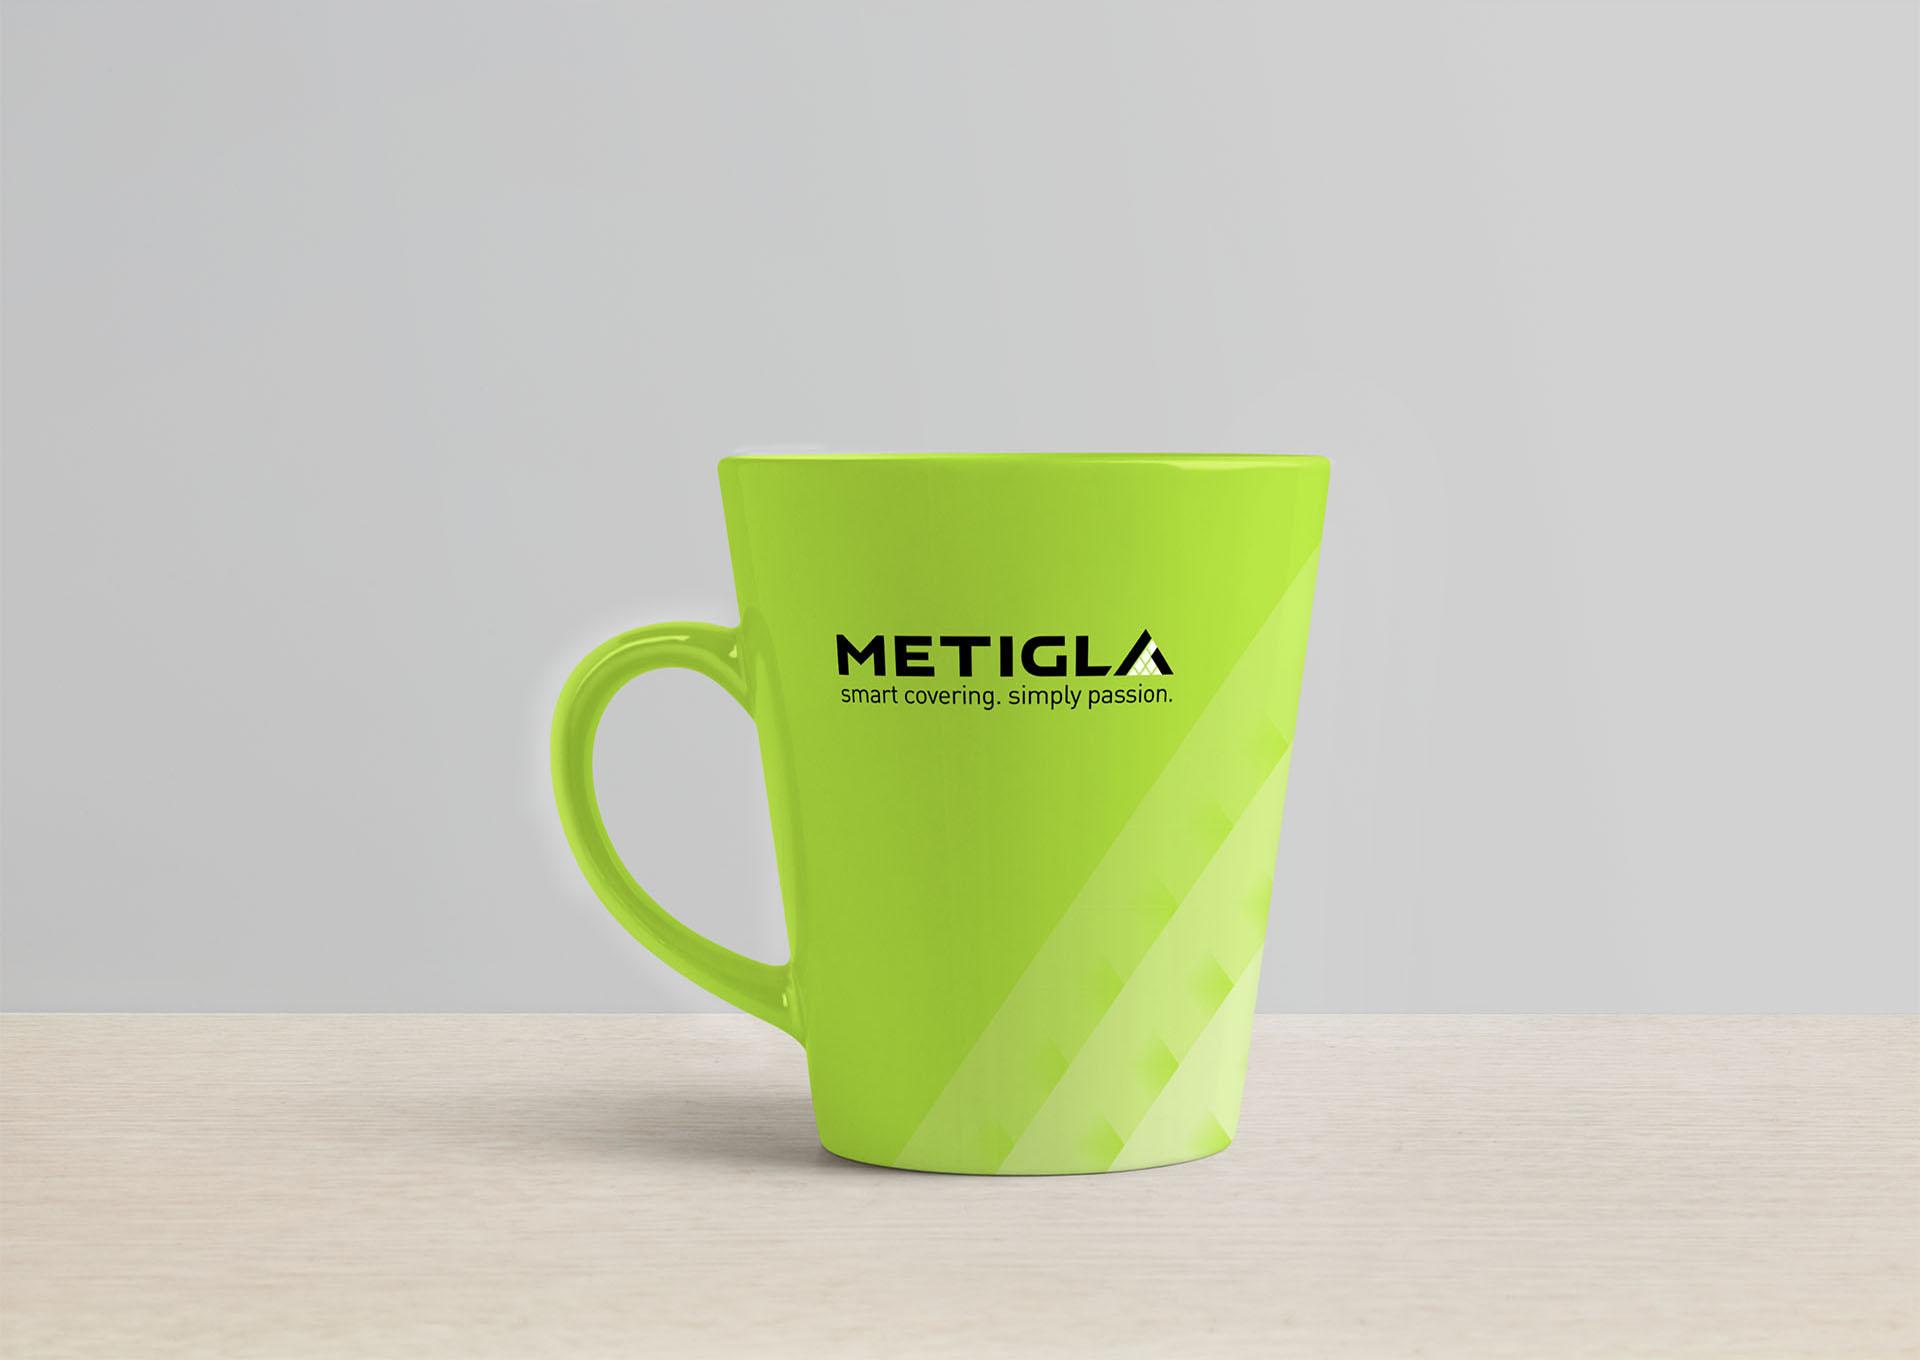 metigla branding cup